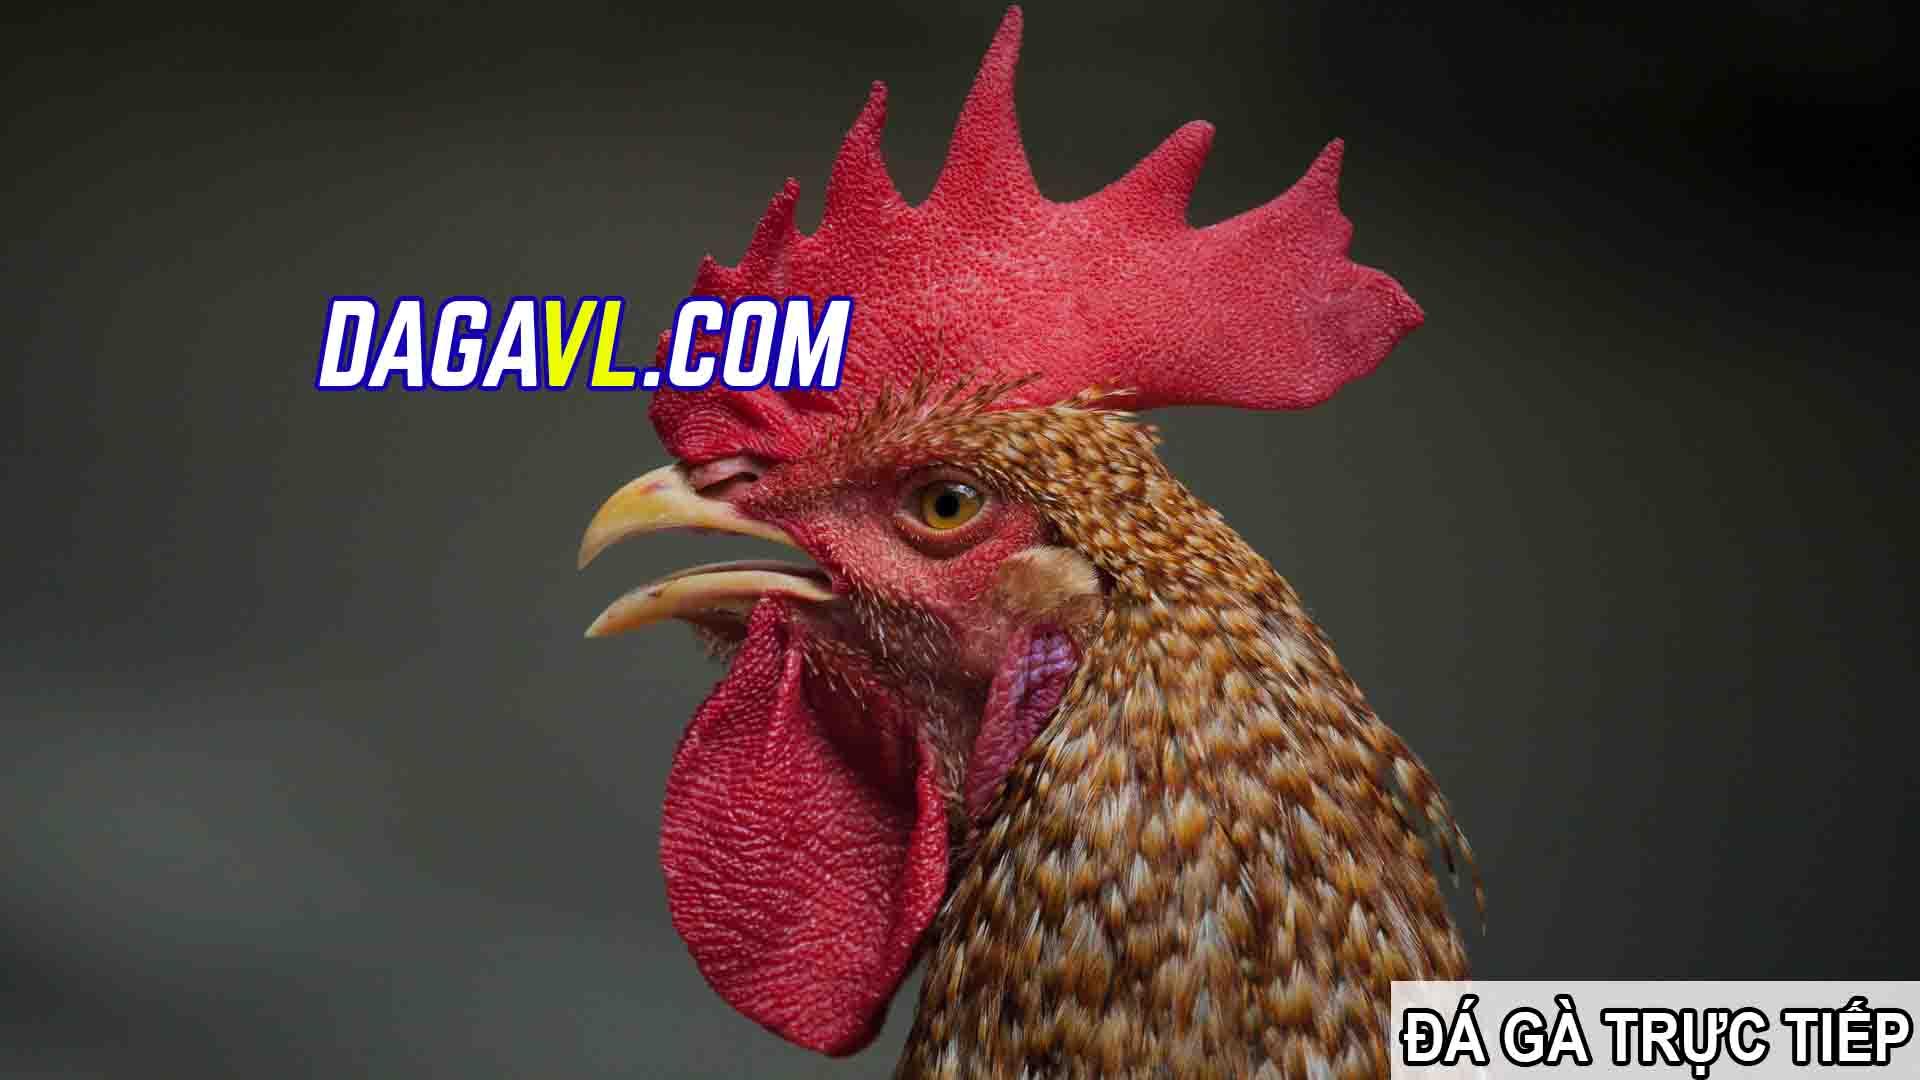 DAGAVL.COM - đá gà trực tiếp. Cách nuôi gà đá có lông tốt nhất